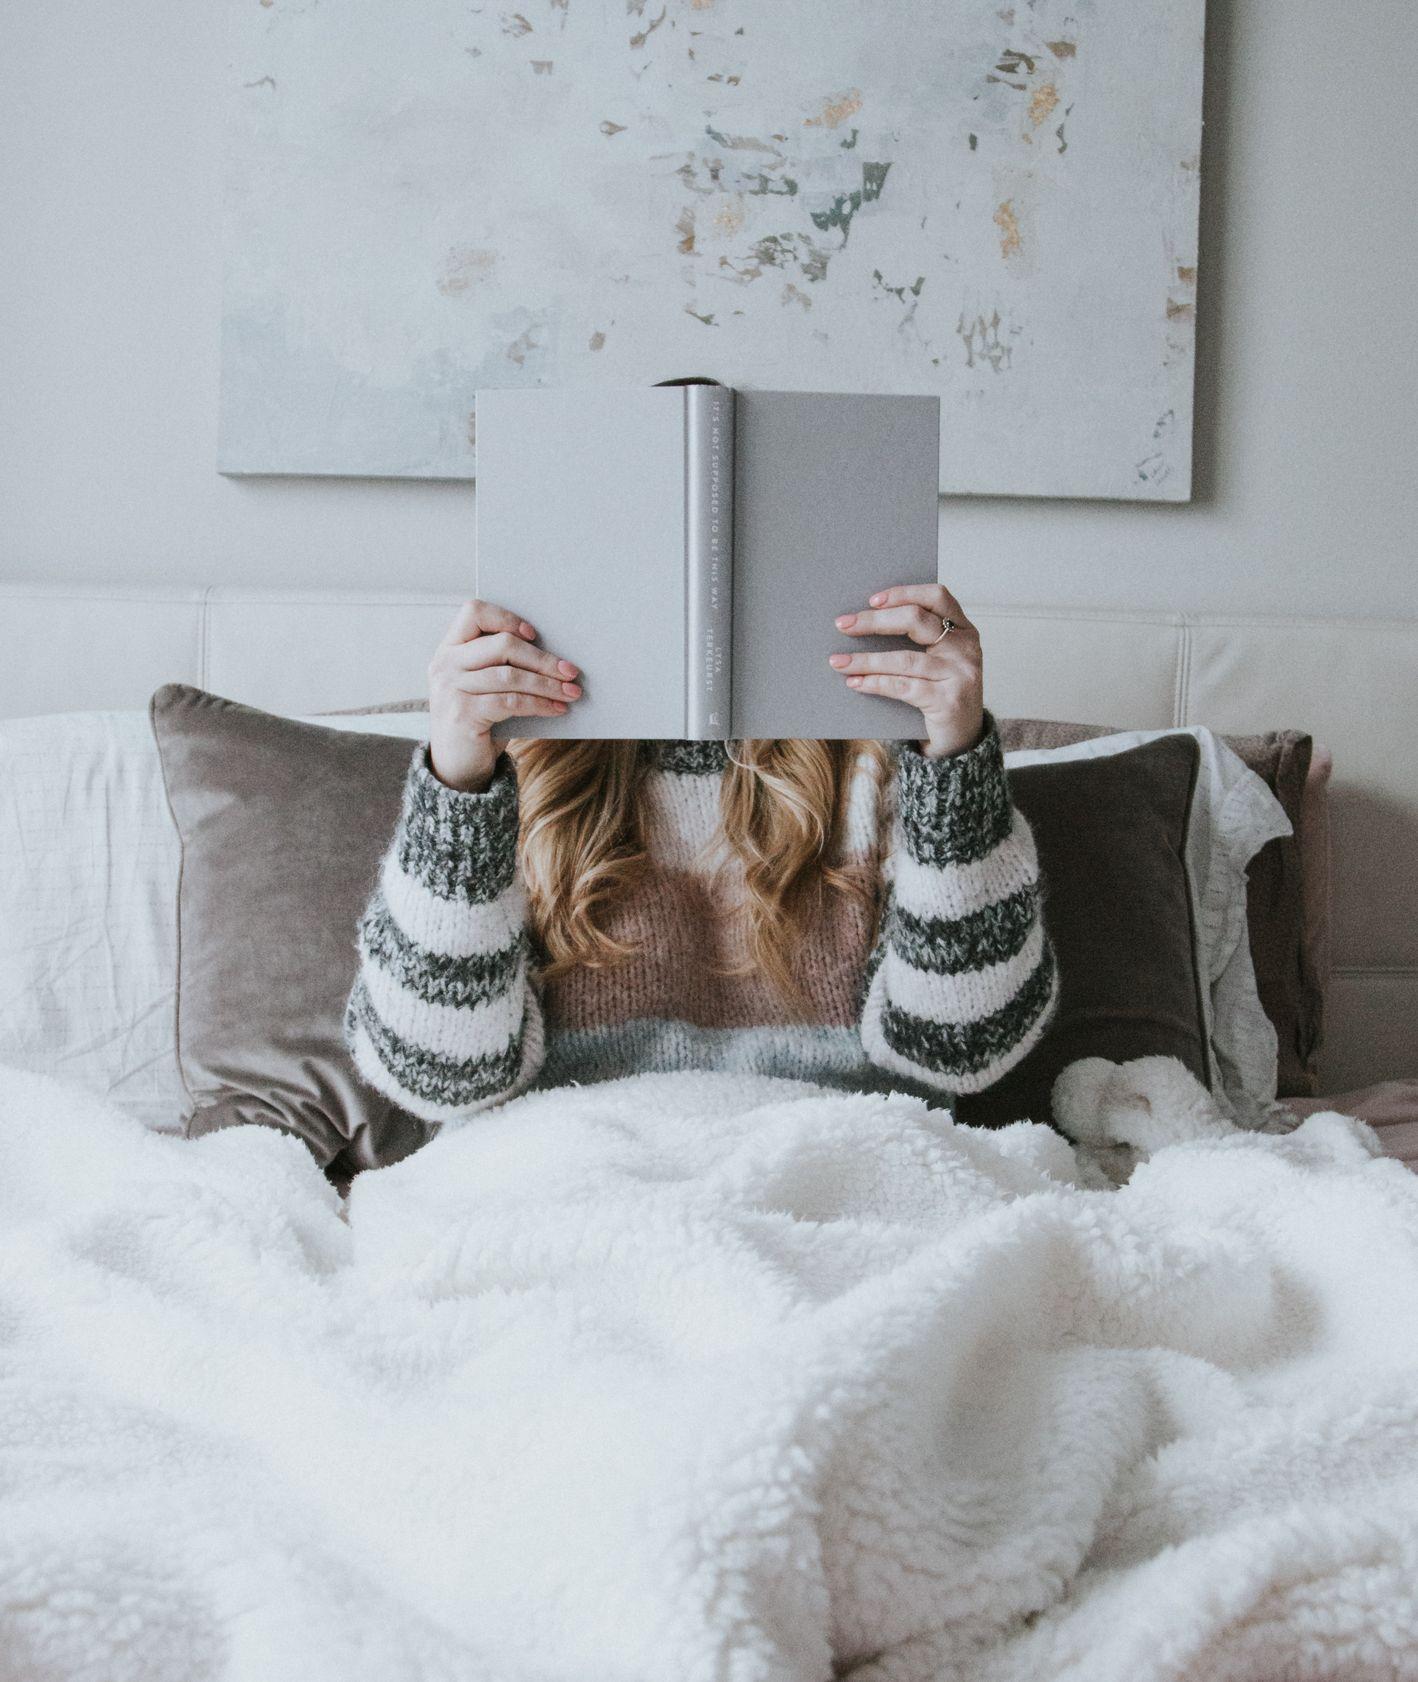 Kobieta czytająca książkę w łóżku (fot. David Lezcano / unsplash.com)